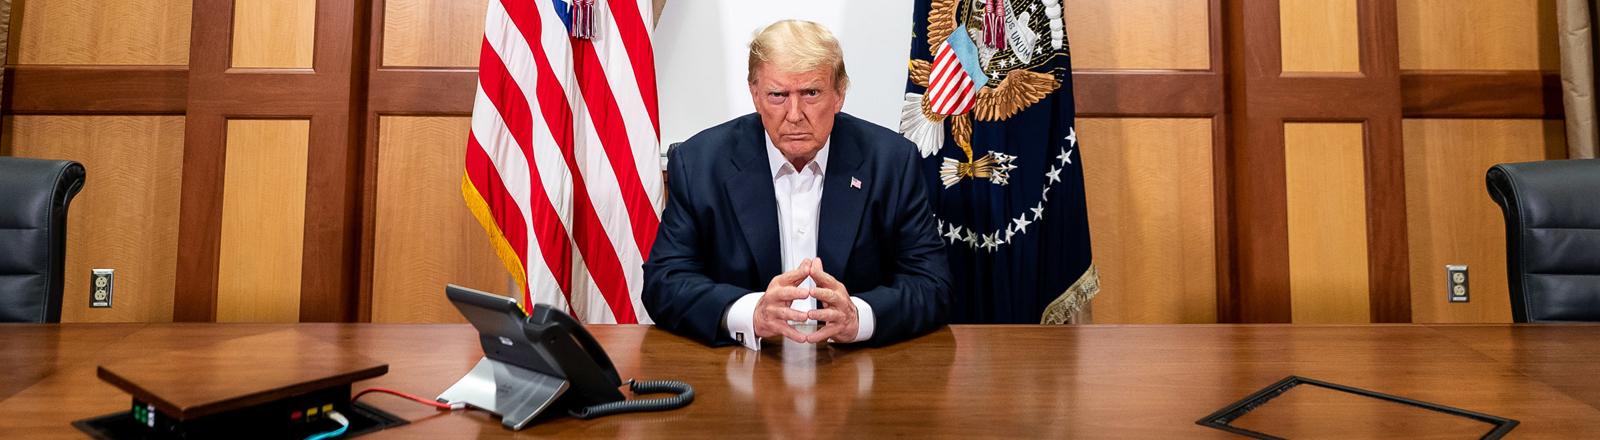 Donald Trump am 04.10.2020 in seinem improvisierten Büro im Krankenhaus.